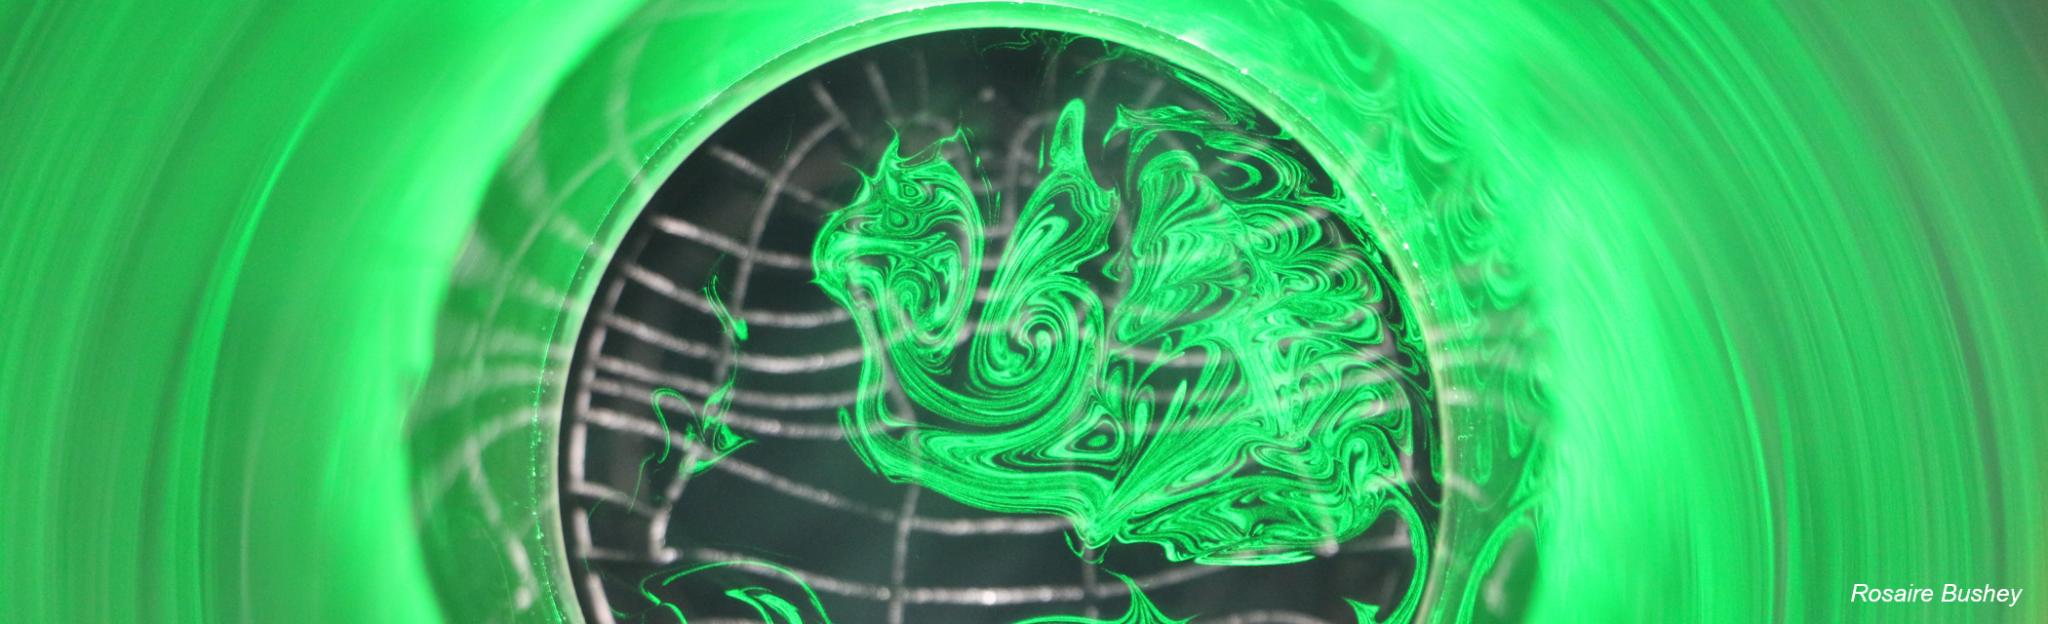 """Experimento em túnel de vento utilizando a técnica de medição de velocidade """"particle image velocimetry"""" (PIV, velocimetria por imagem de partículas)."""